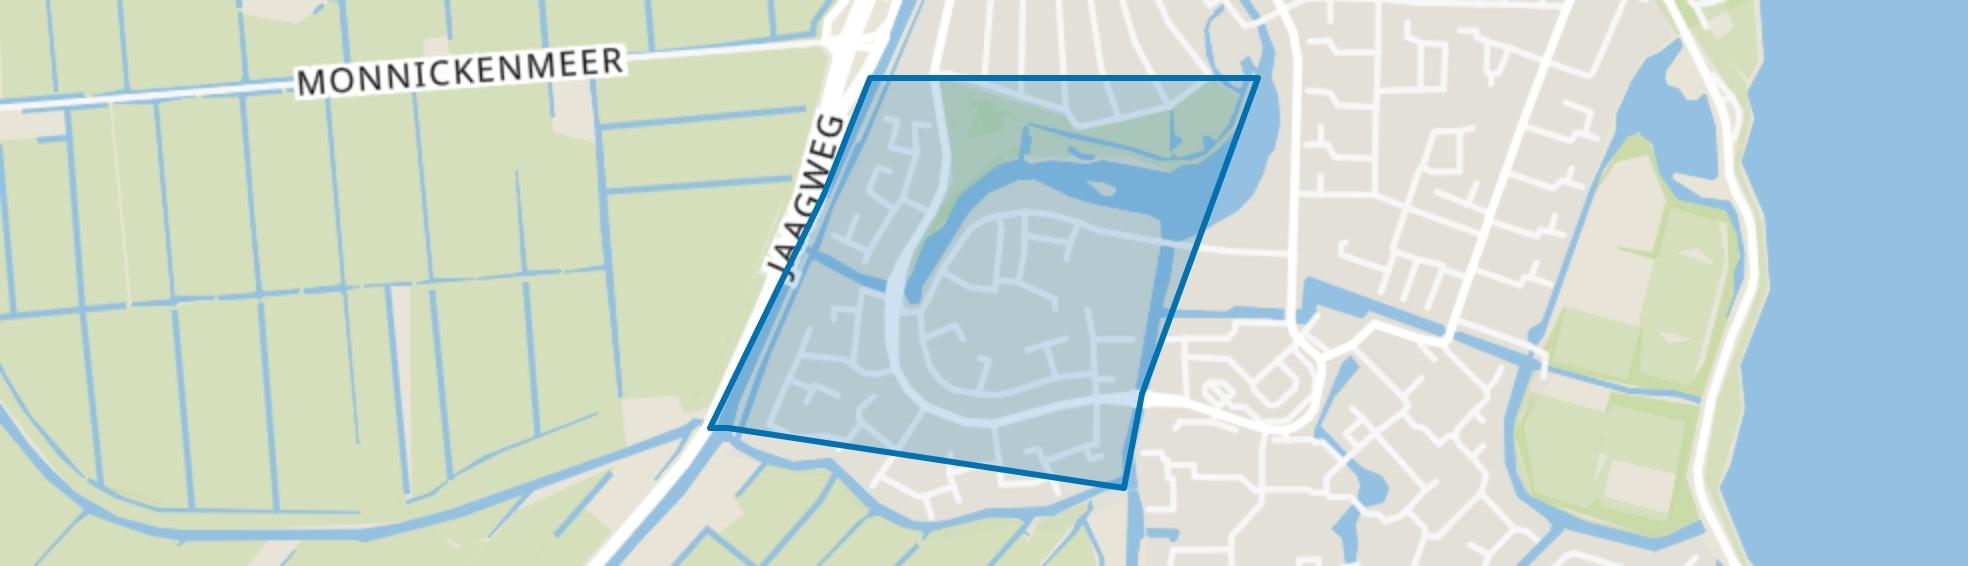 Ringshemmen, Monnickendam map